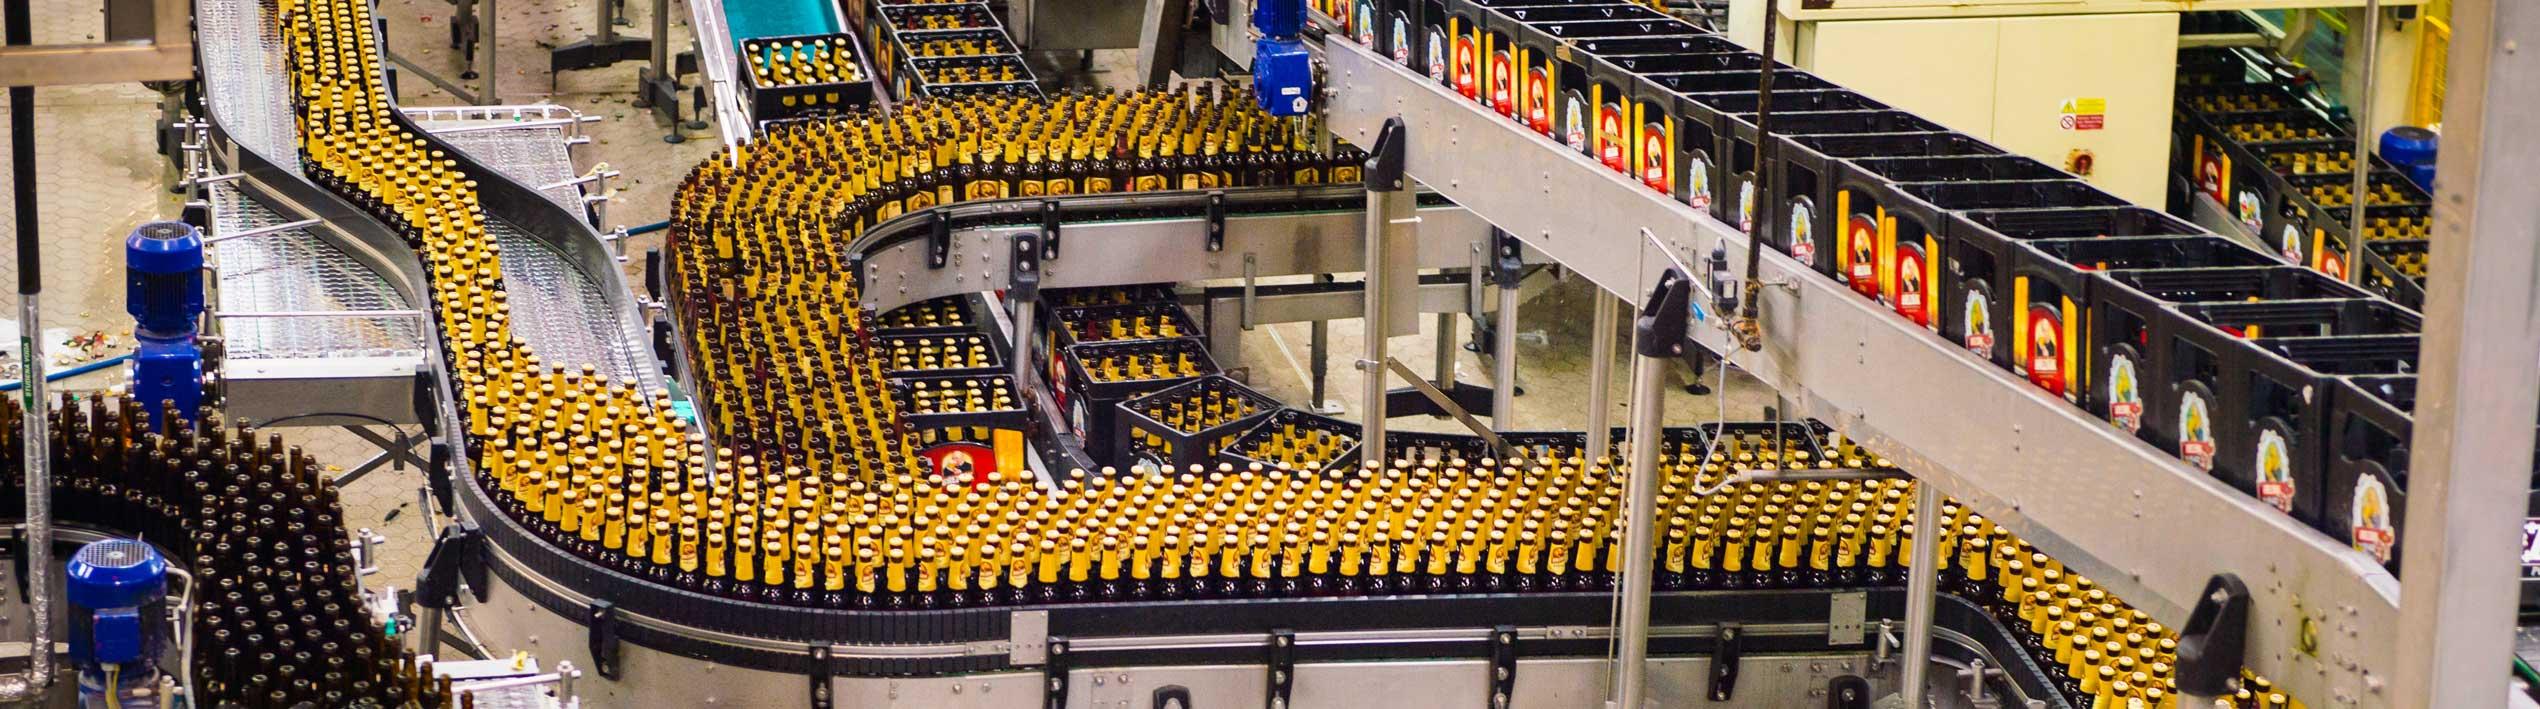 Conveyor with yellow bottles